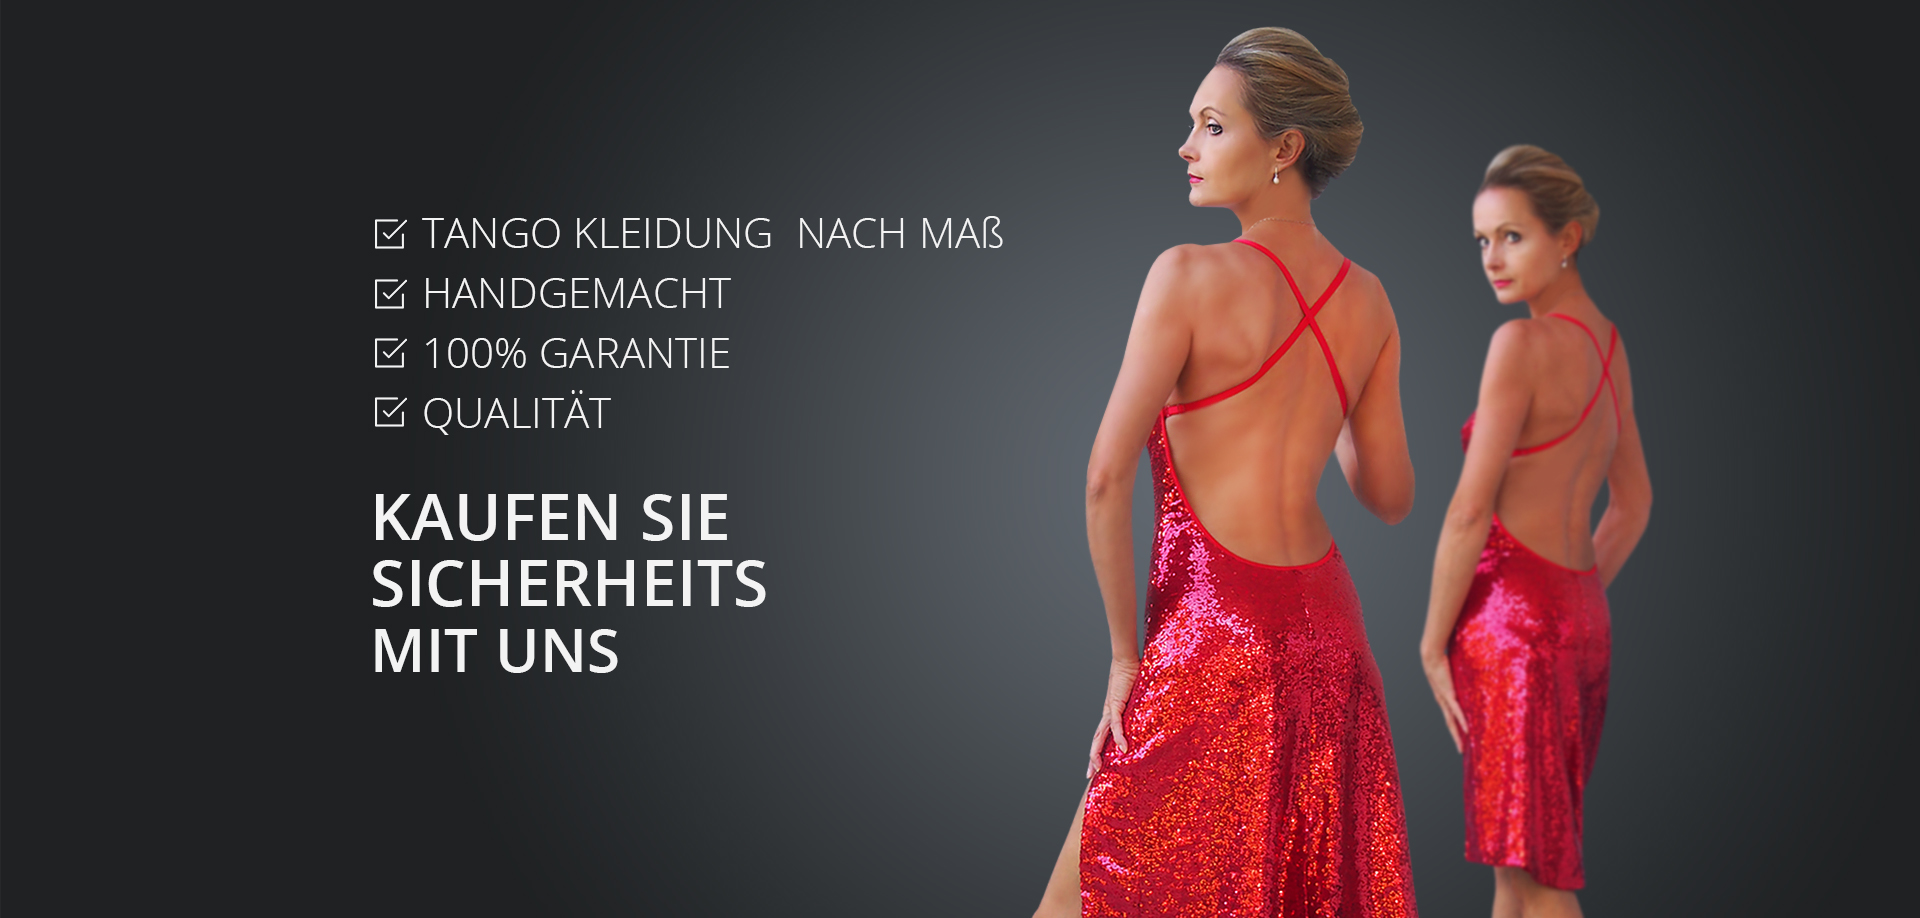 tango mode - maßgeschneiderte kleidung online